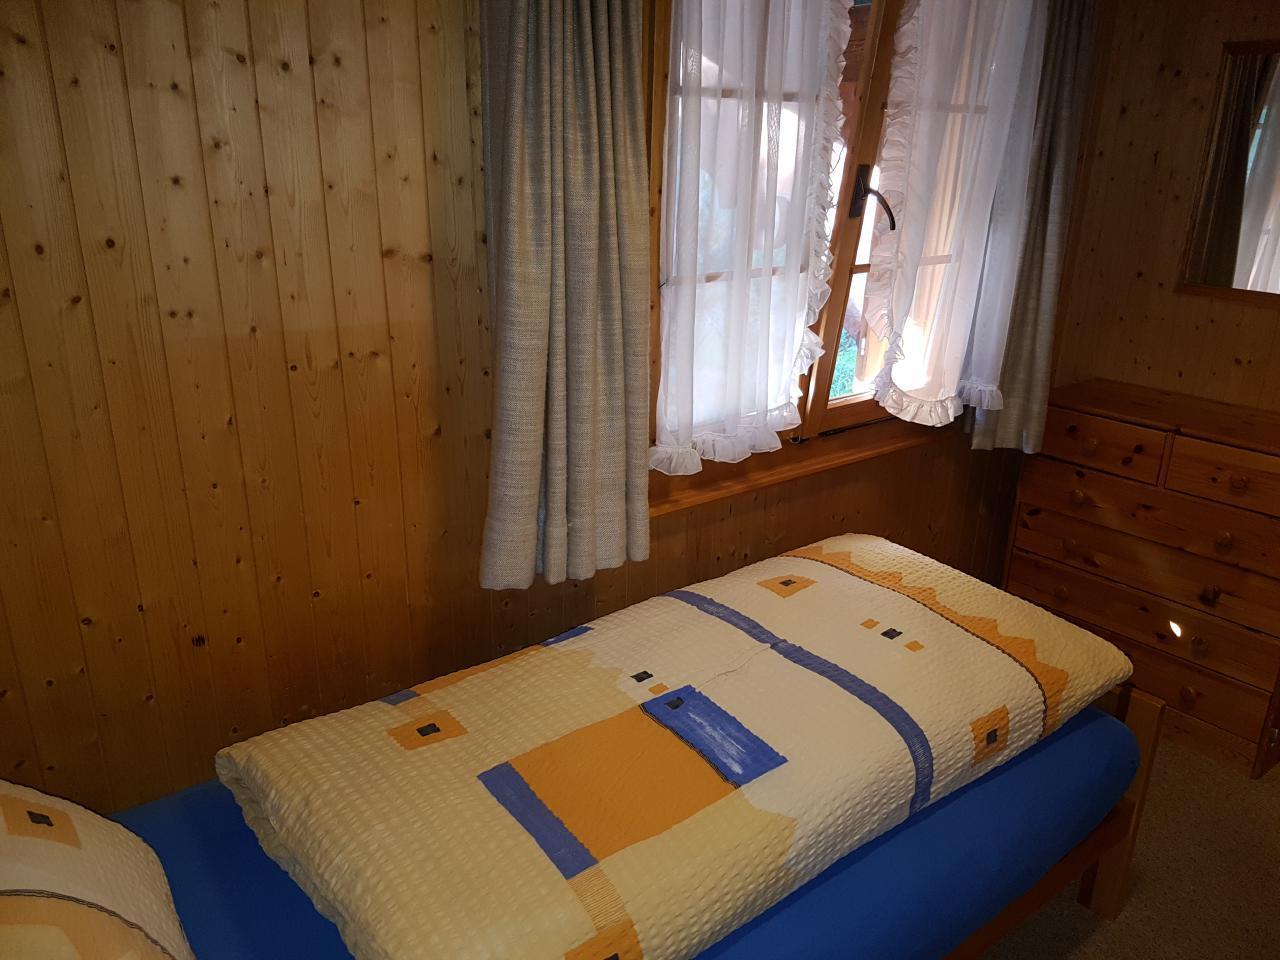 Ferienwohnung Chalet Moosrain 4.5 Zimmer-Wohnung, Eigerblick (788969), Grindelwald, Jungfrauregion, Berner Oberland, Schweiz, Bild 8